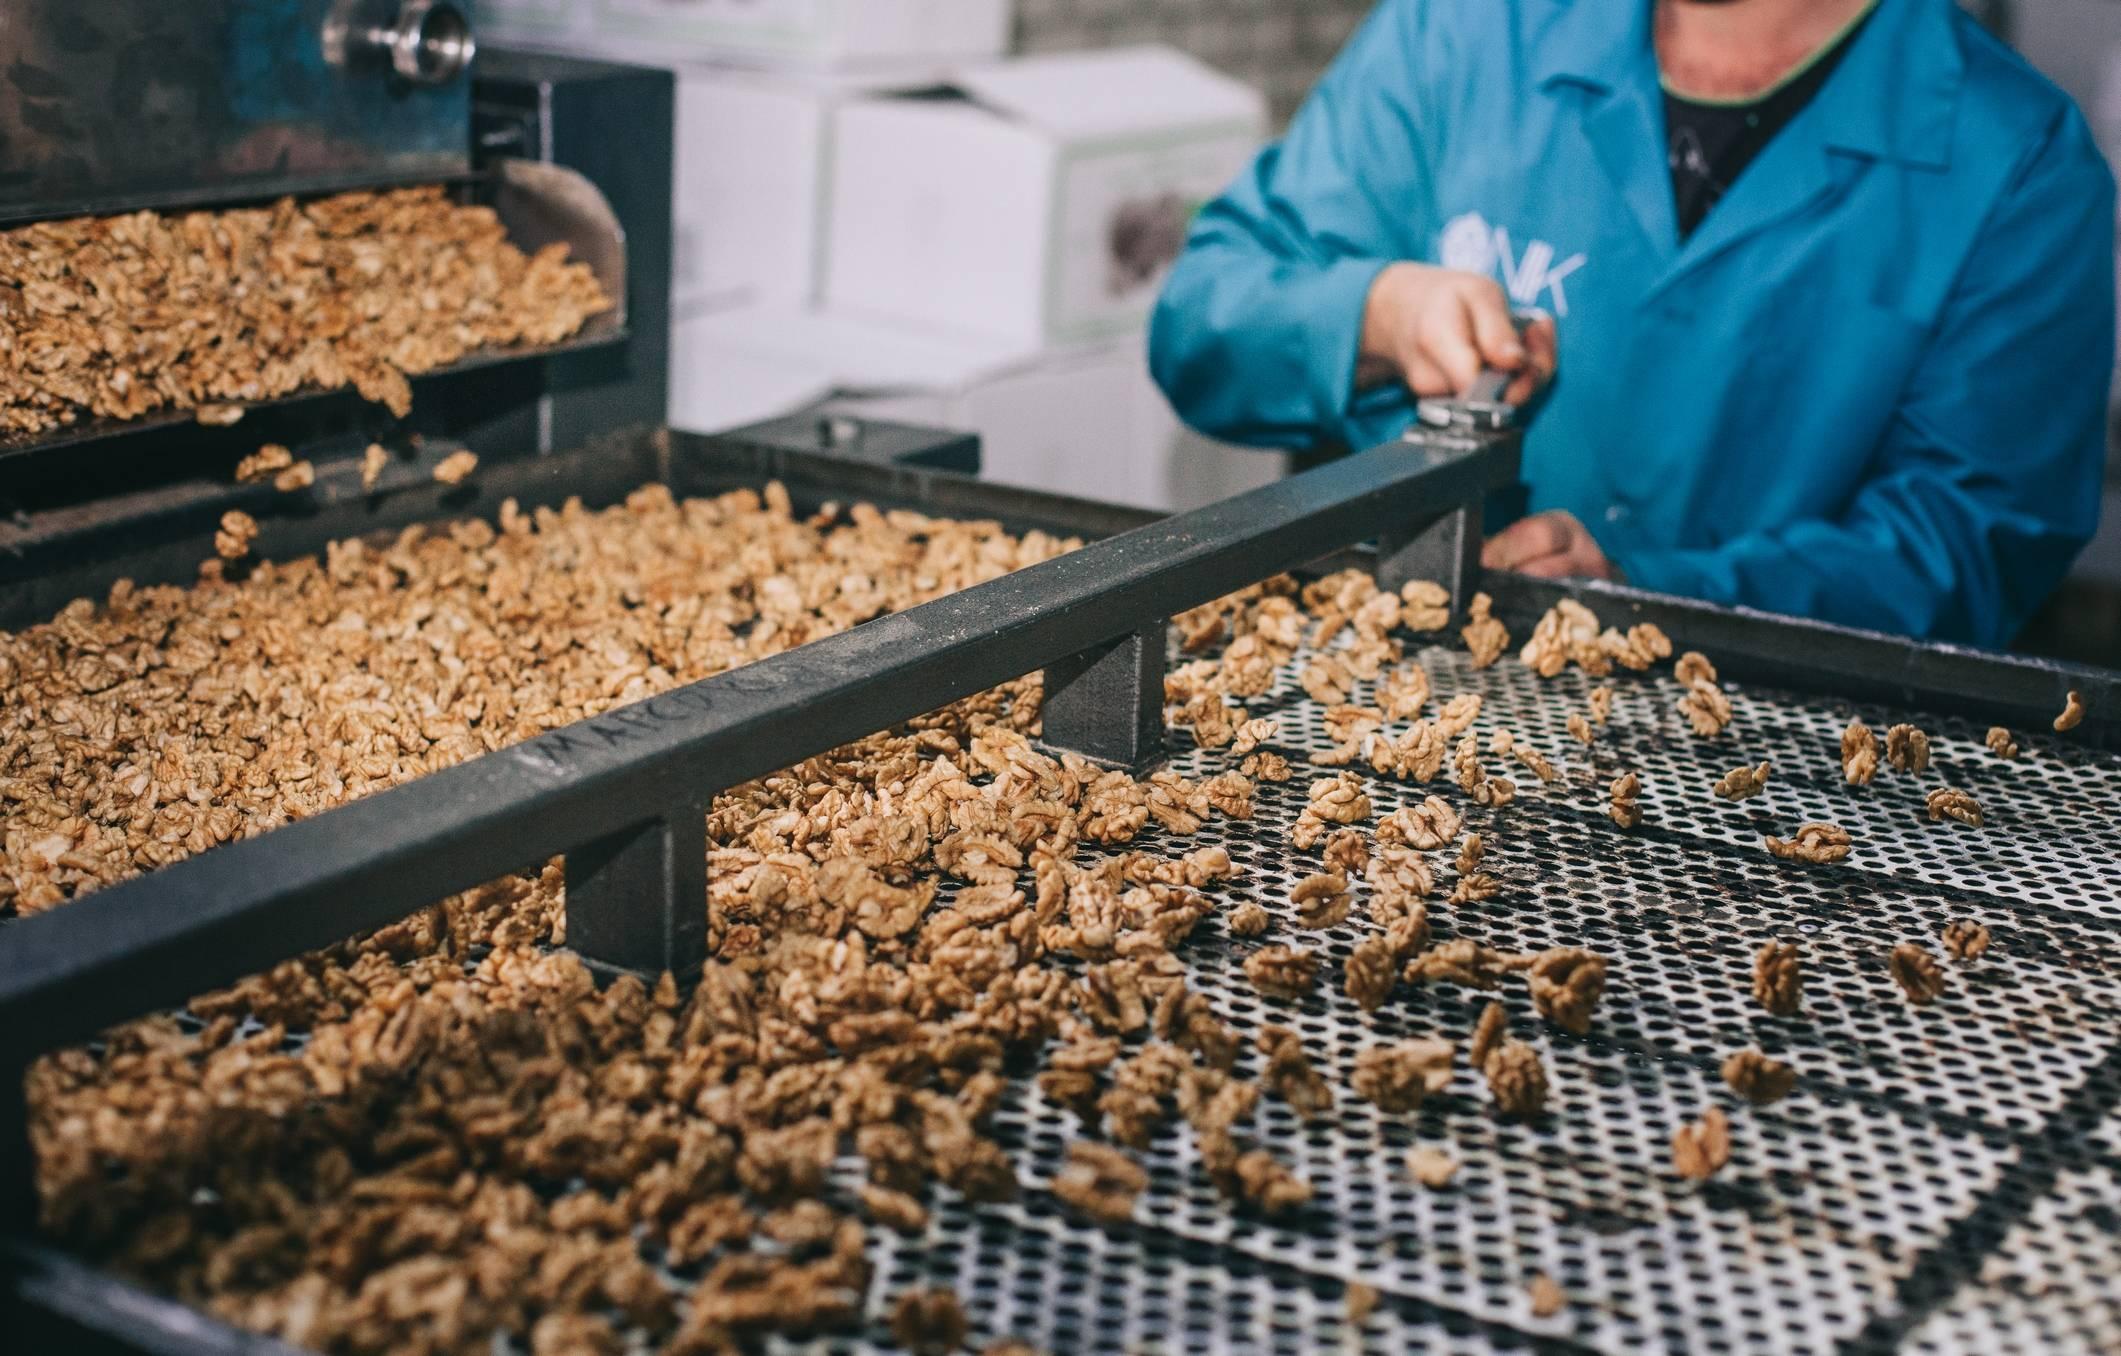 Срок годности кешью: где и как правильно хранить очищенные орехи в домашних условиях, чтобы продукт максимально долго оставался свежим?